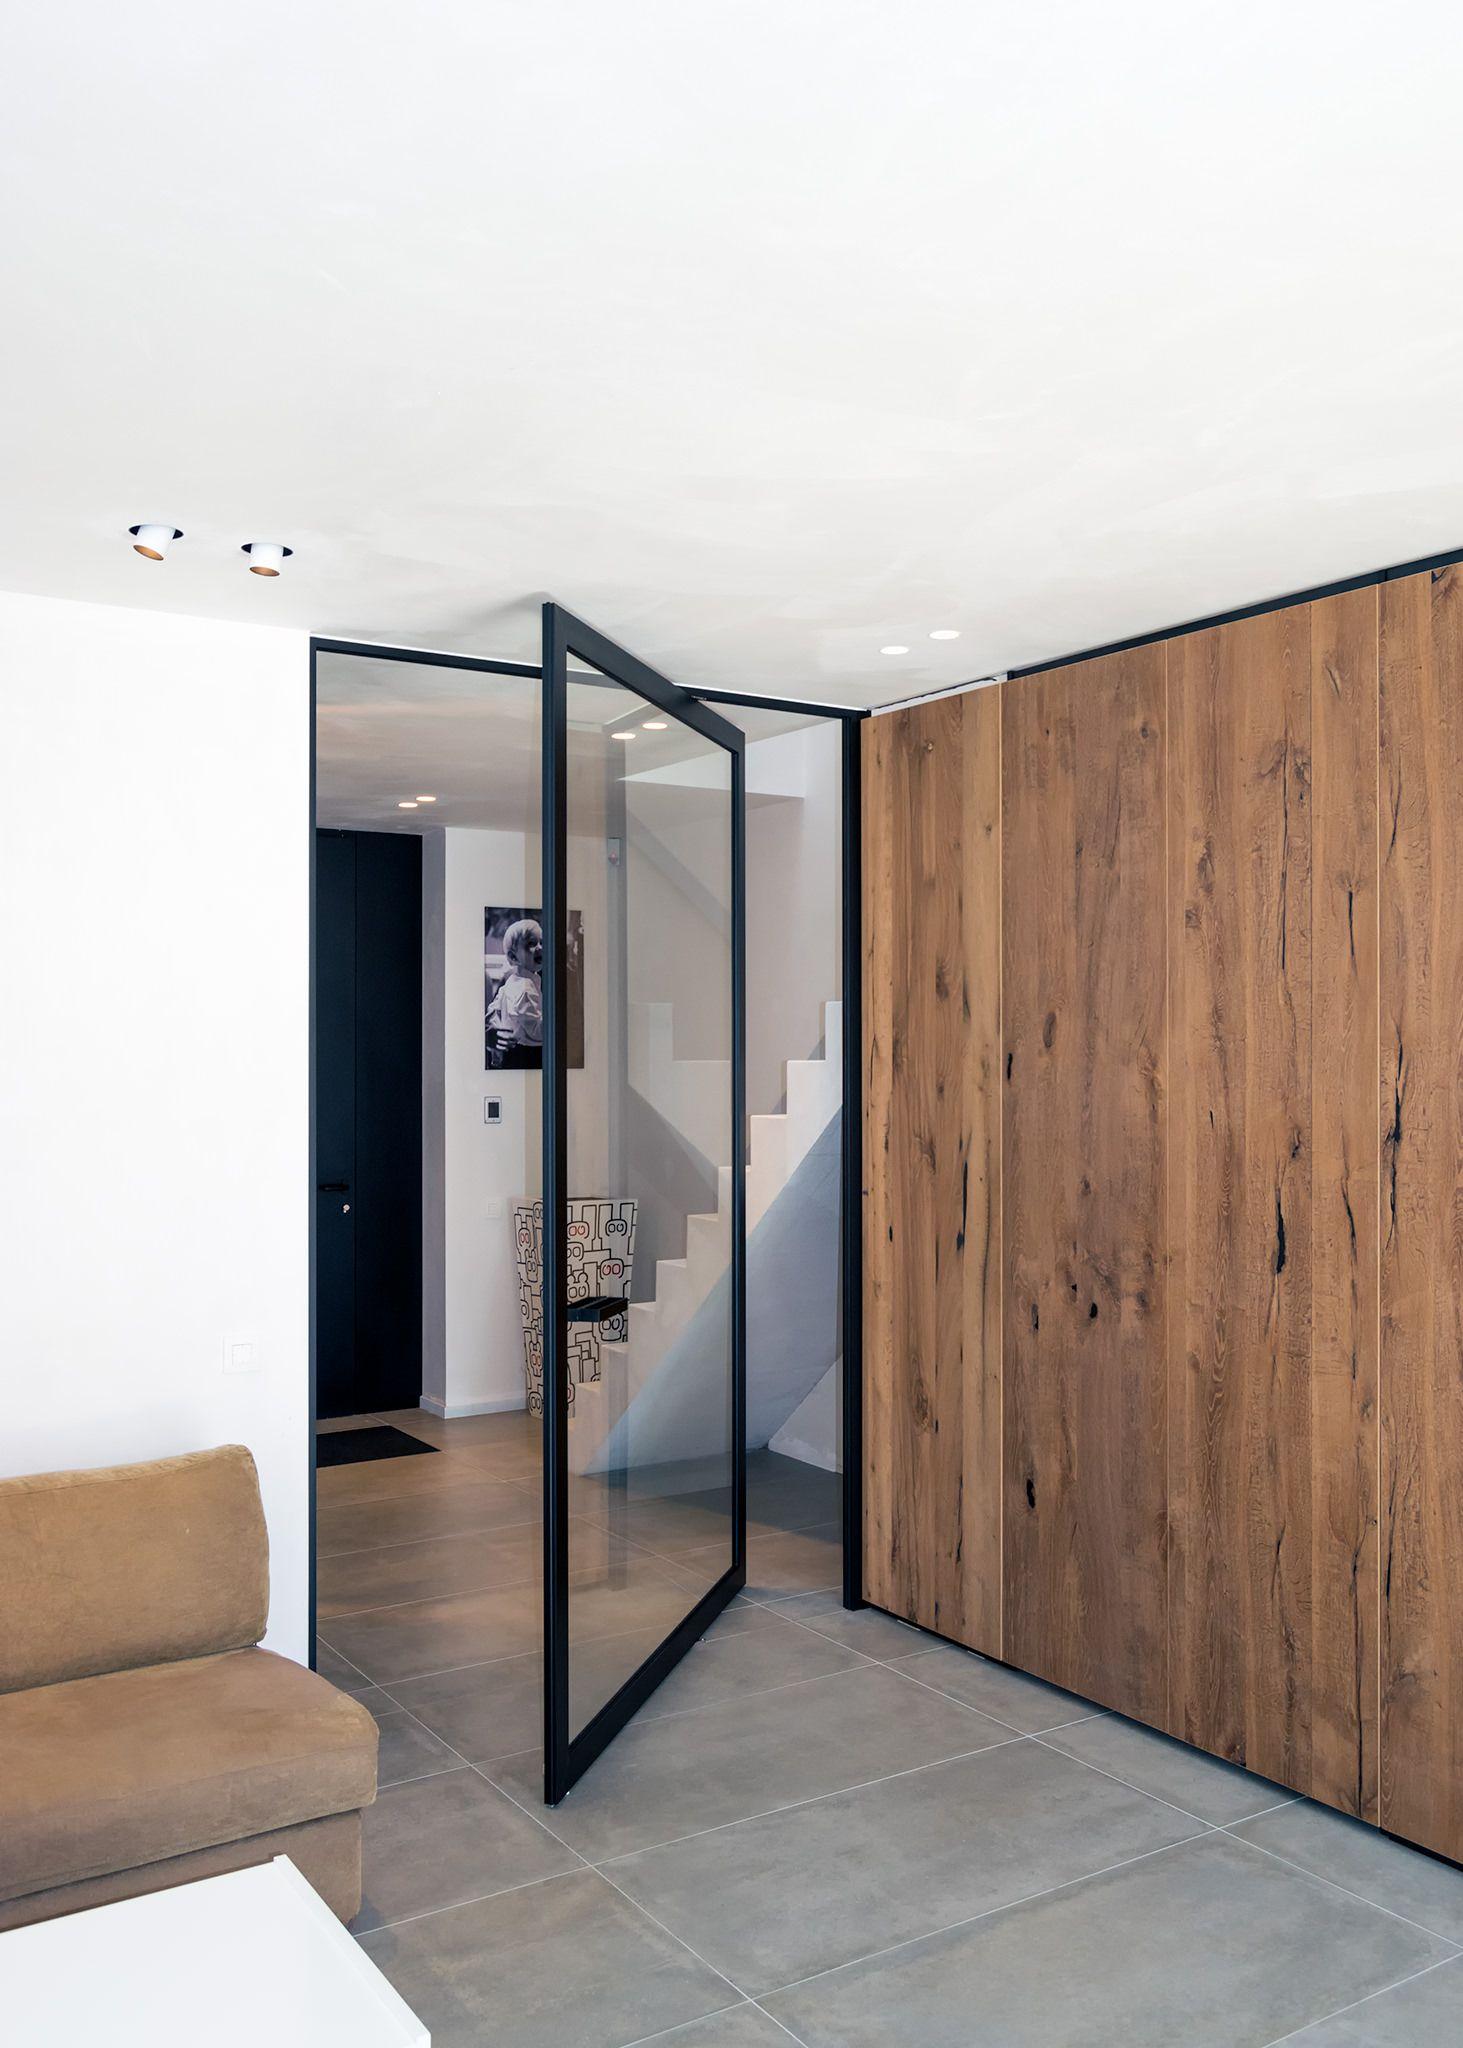 porte vitr e look acier sur pivot d sax for the home pinterest porte vitr e acier et. Black Bedroom Furniture Sets. Home Design Ideas